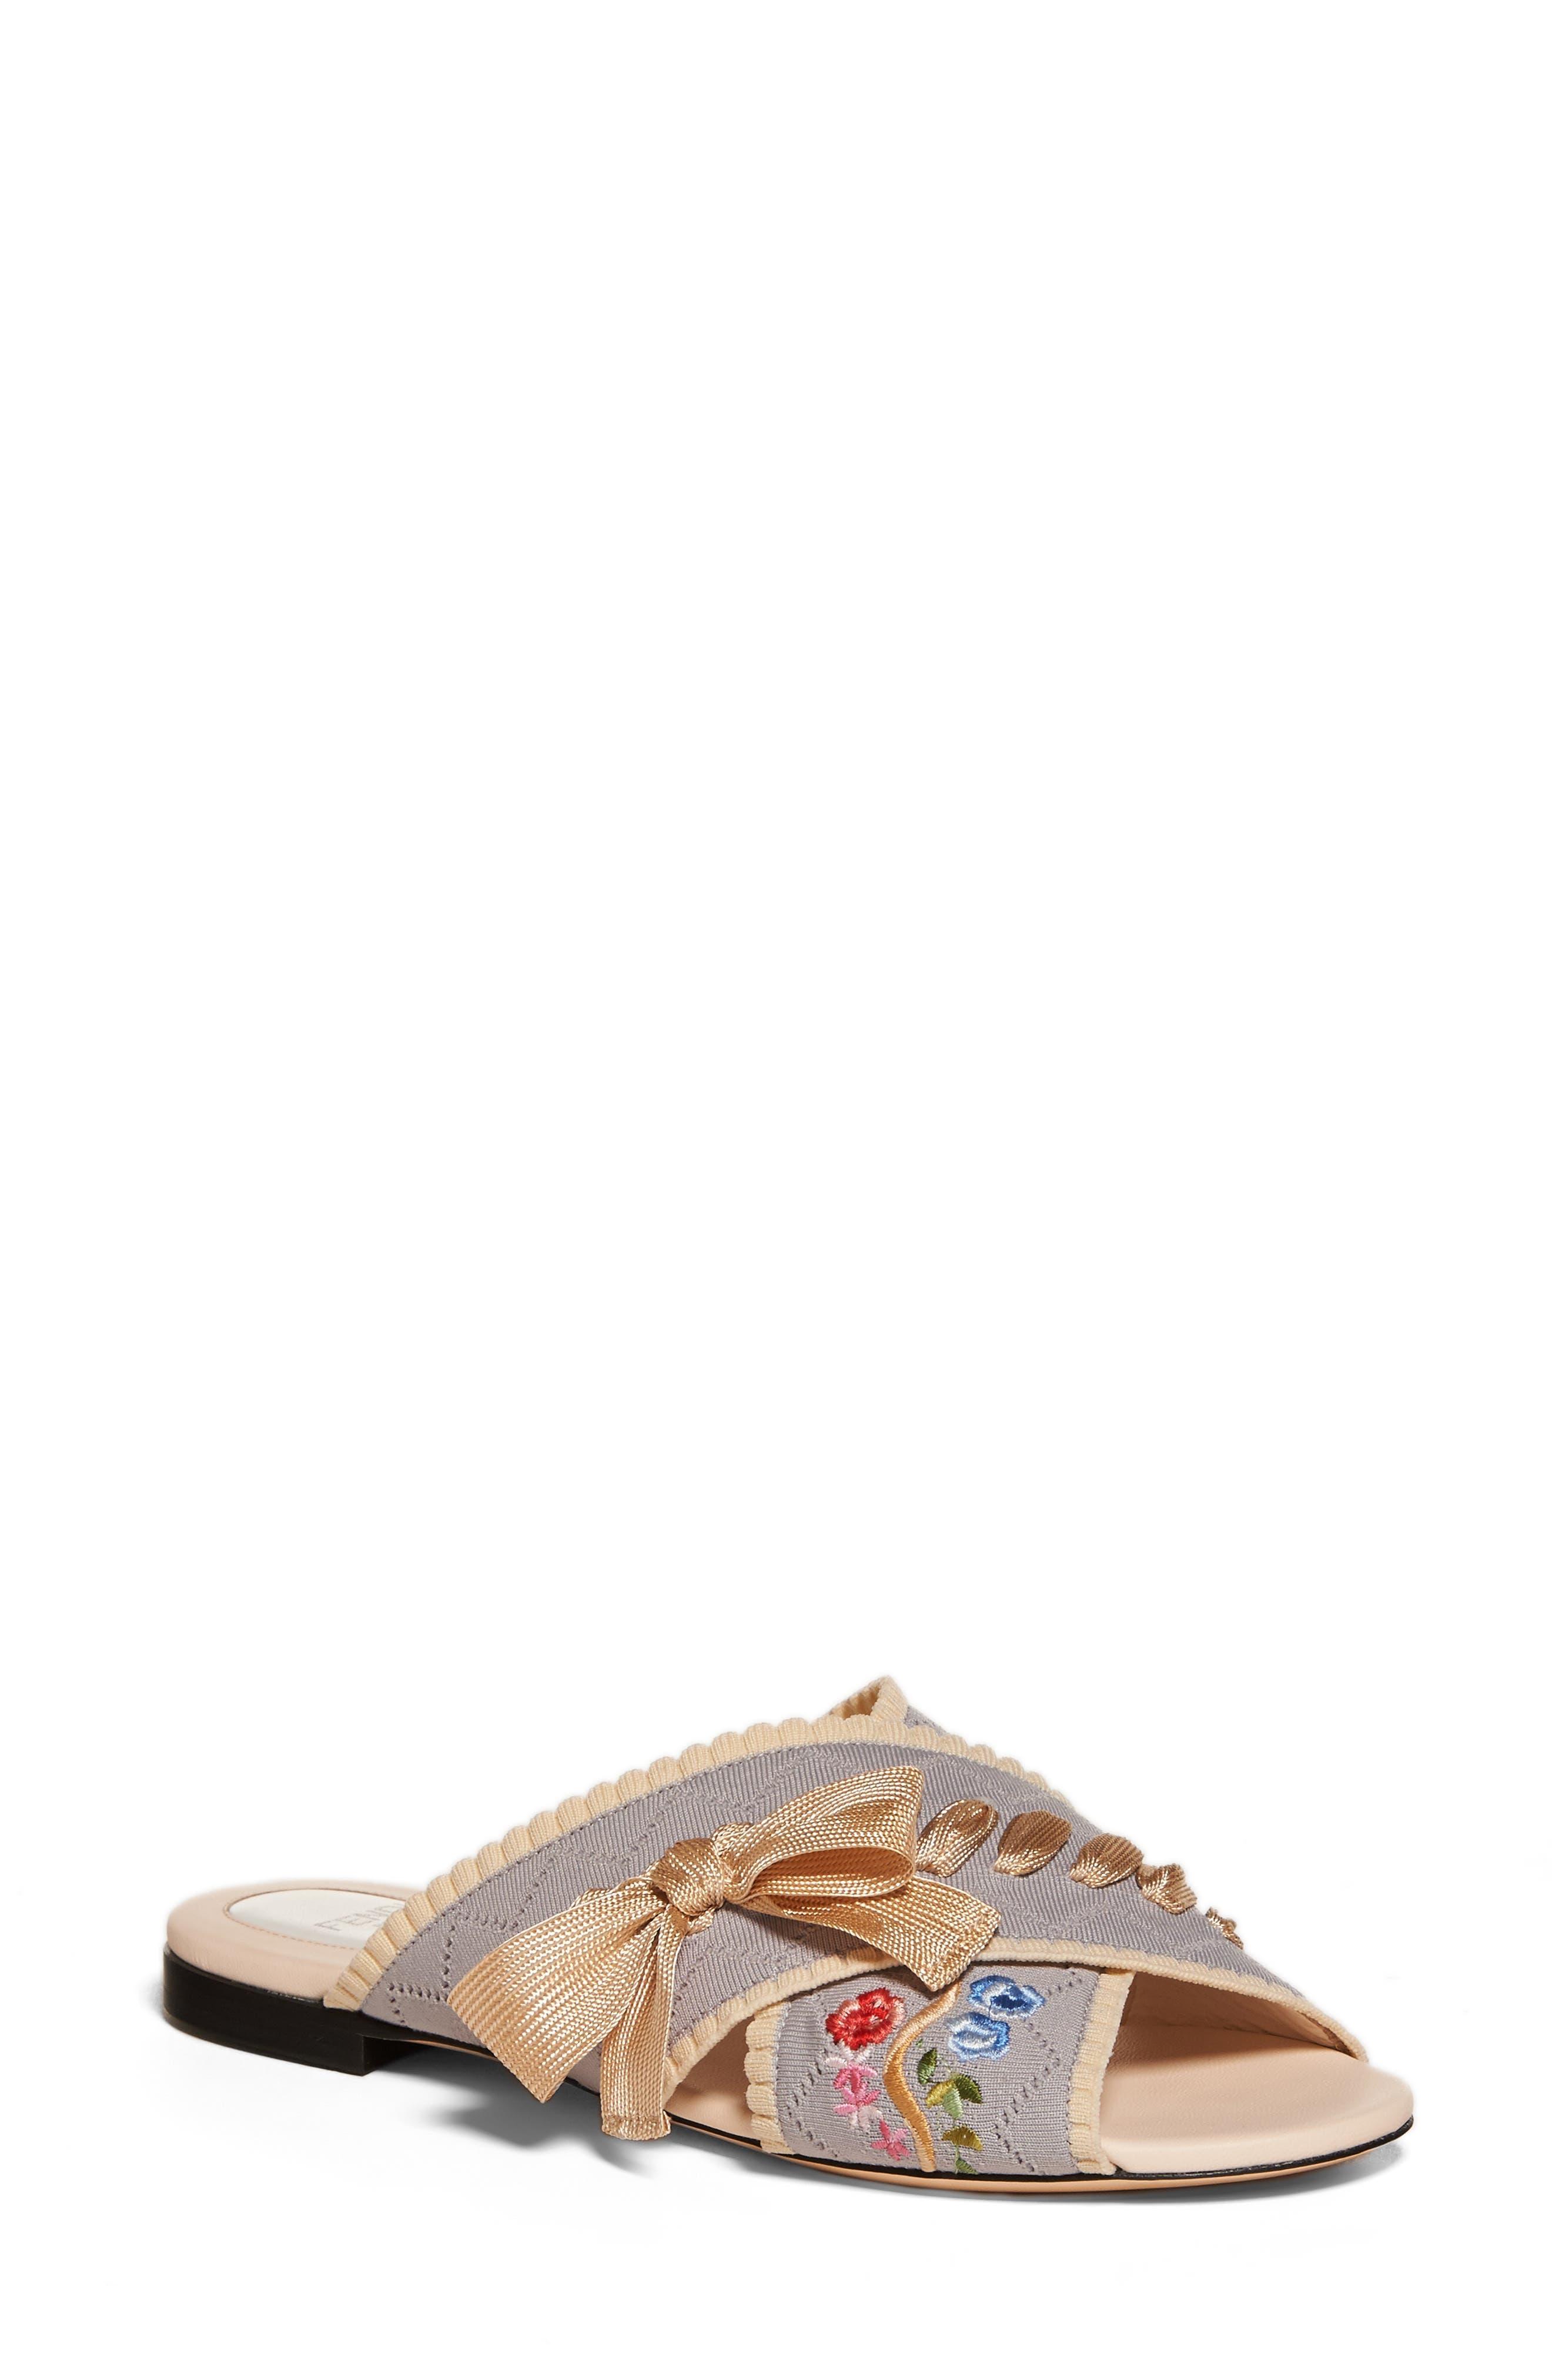 FENDI Embroidered Sandal